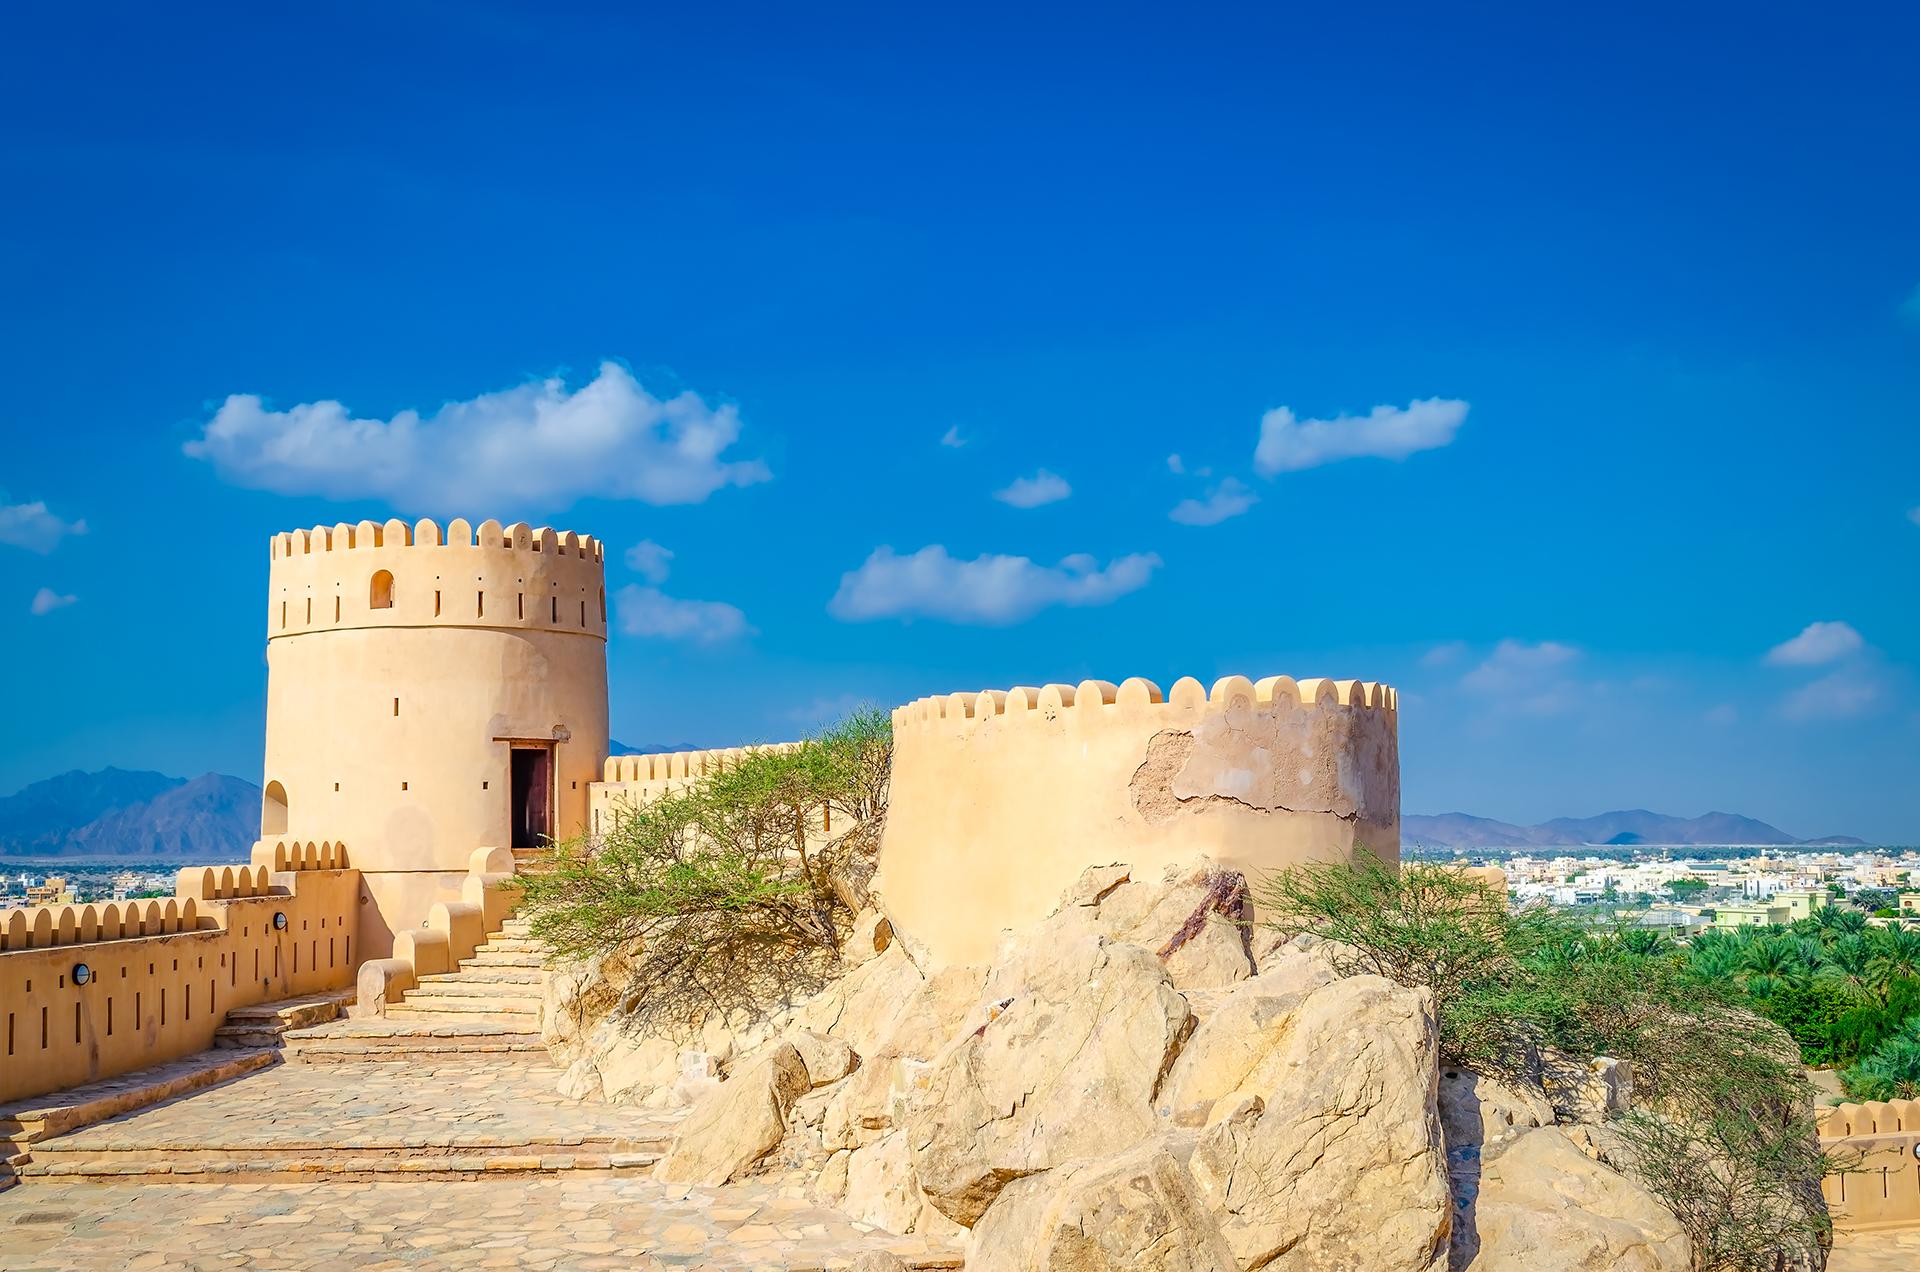 Un viejo fuerte, un oasis y un cielo azul. Omán